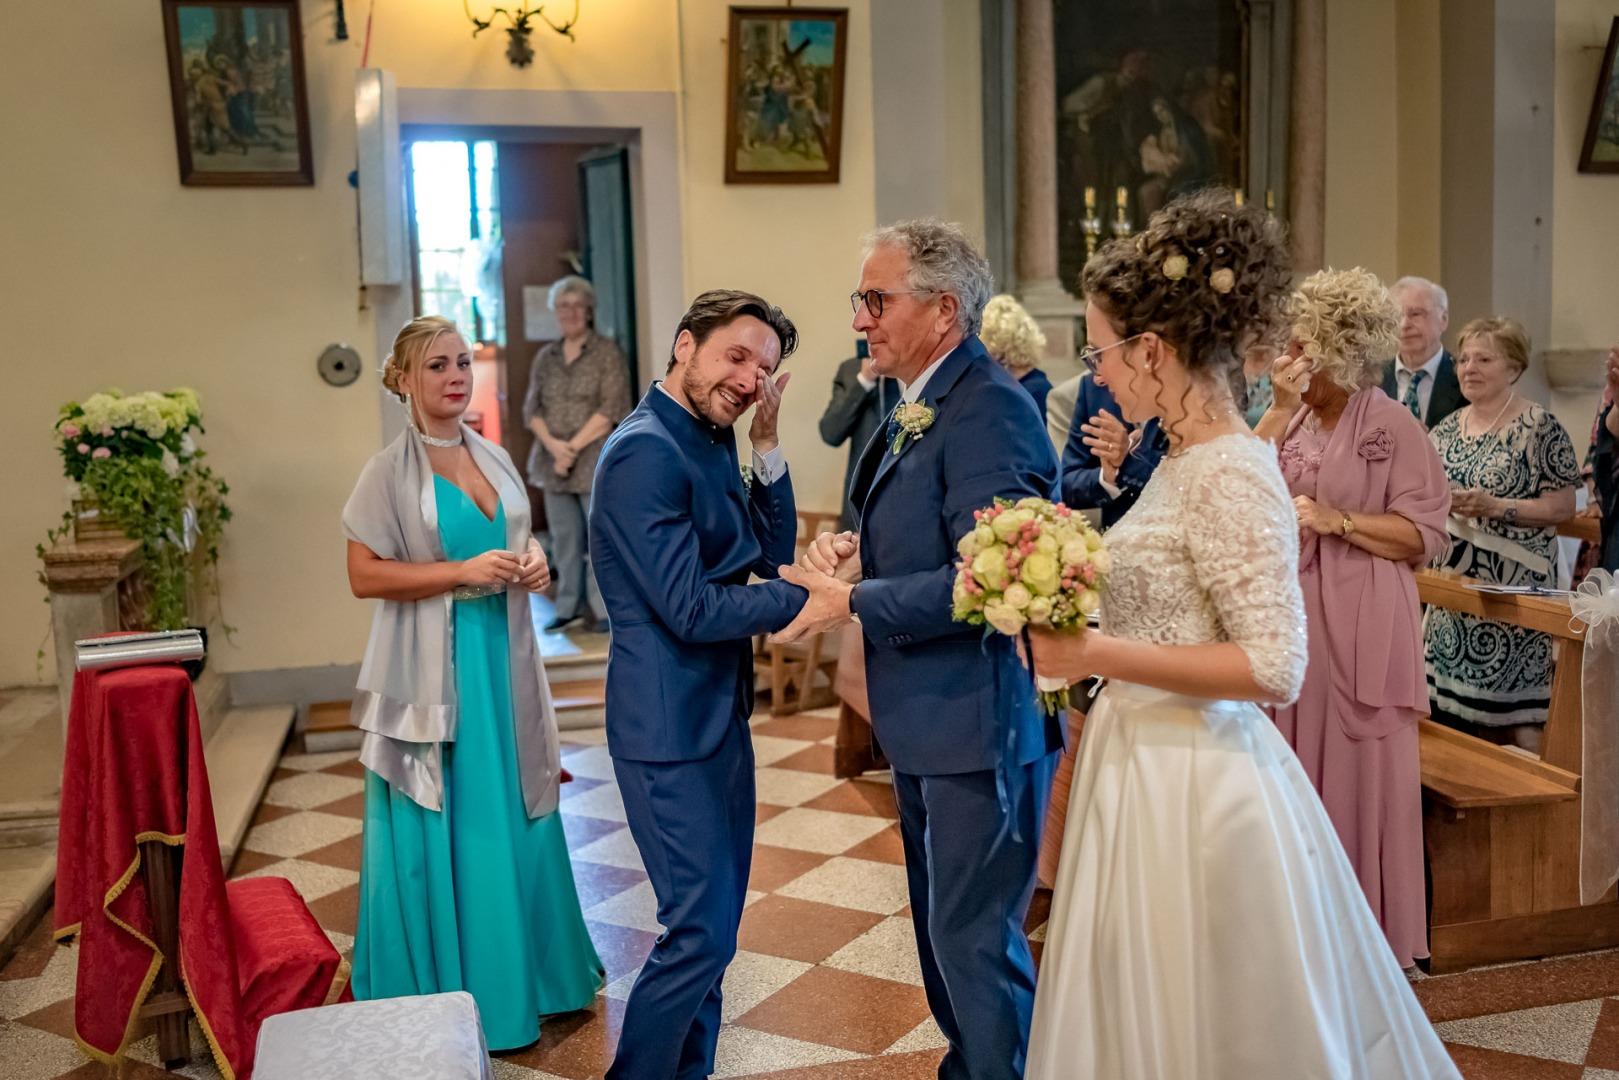 nicola-da-lio-wedding-photographer-venezia-treviso-padova-veneto-italia-111